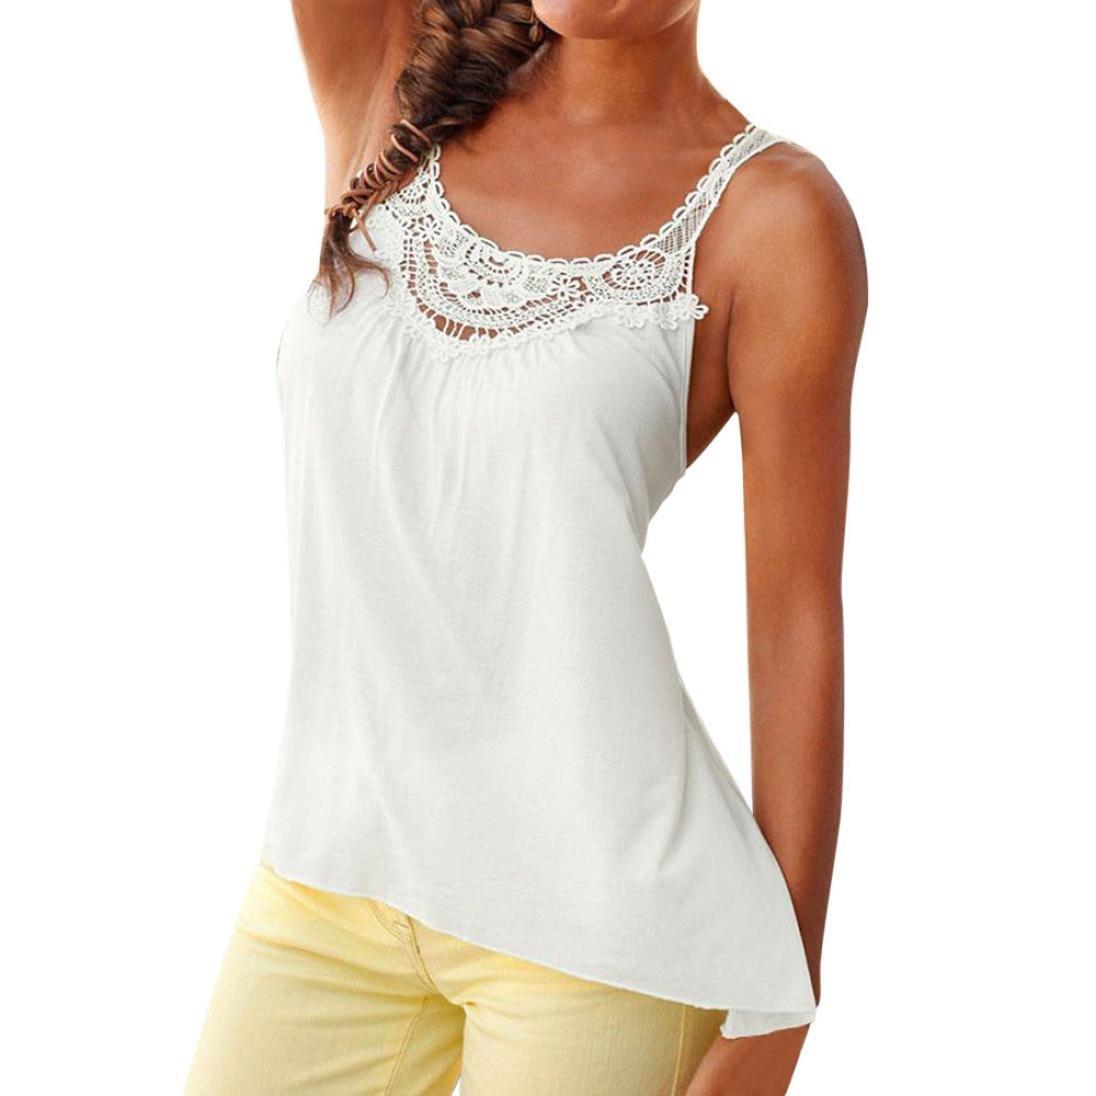 MRULIC Frauen Casual Spitze Sleeveless Crop Top Sommer Kleine weiße Weste Tank Shirt Bluse Cami Tops